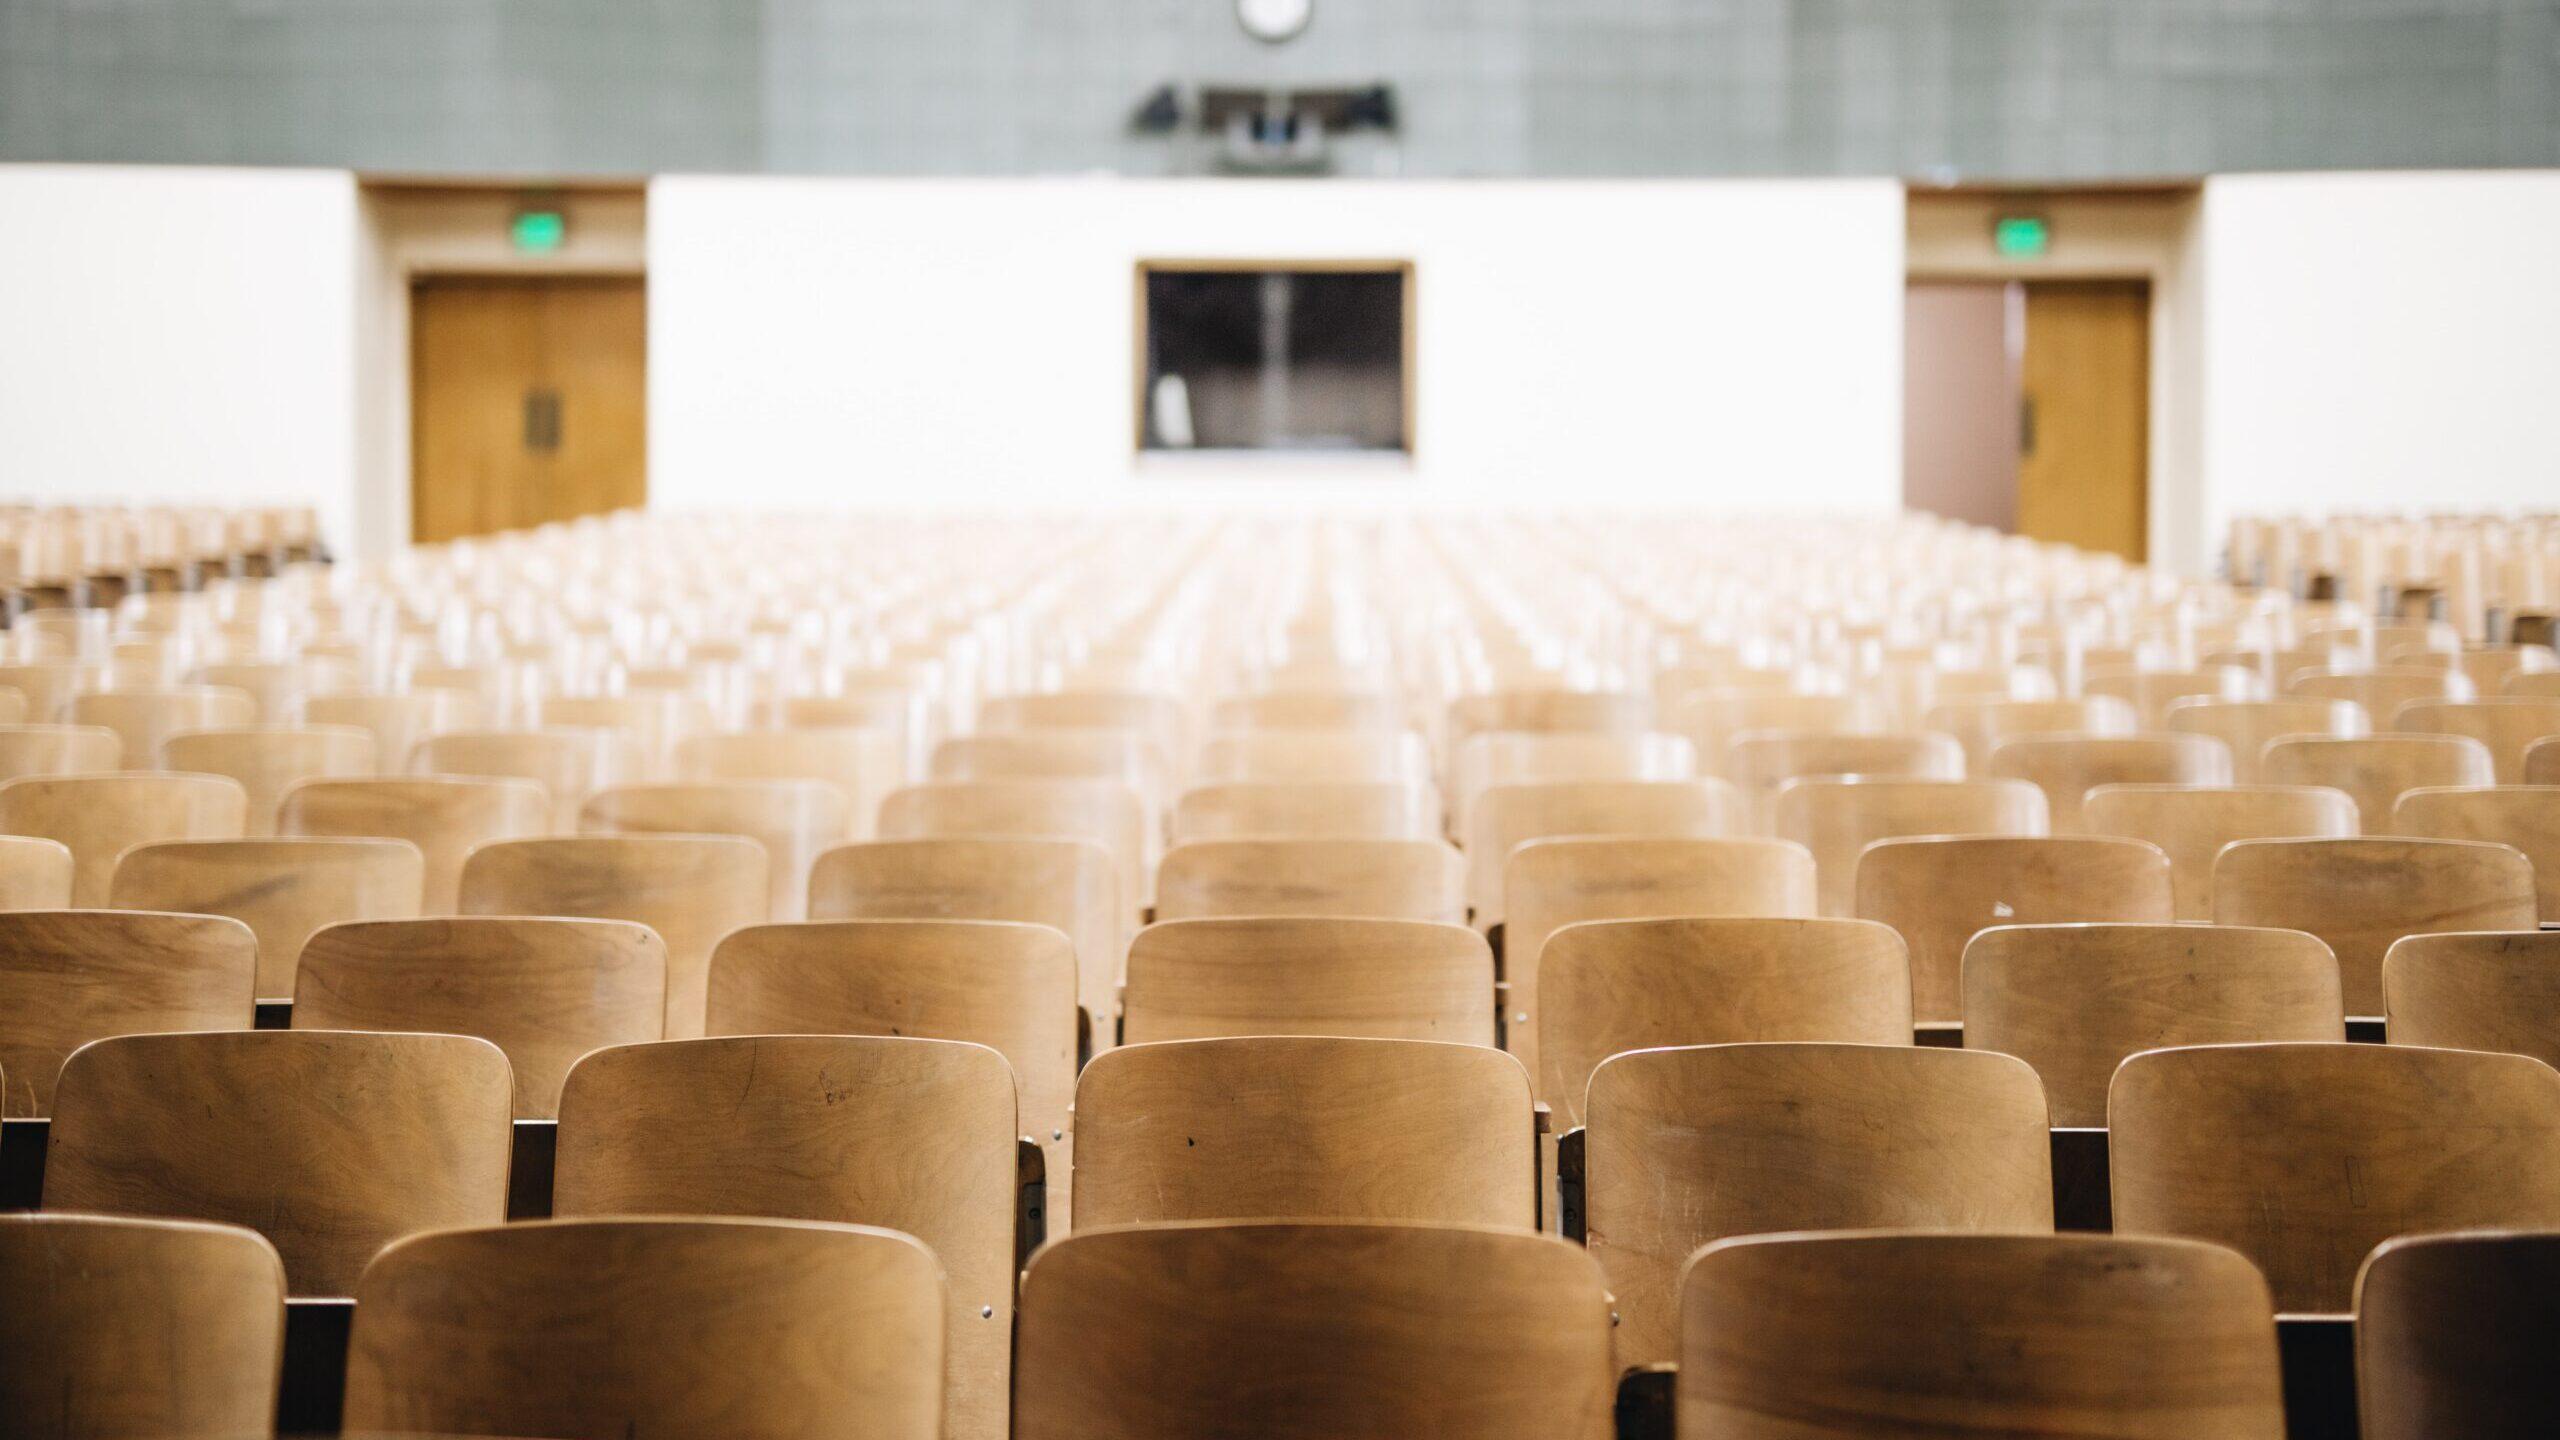 大学の講堂で多くの椅子が並んでいる写真